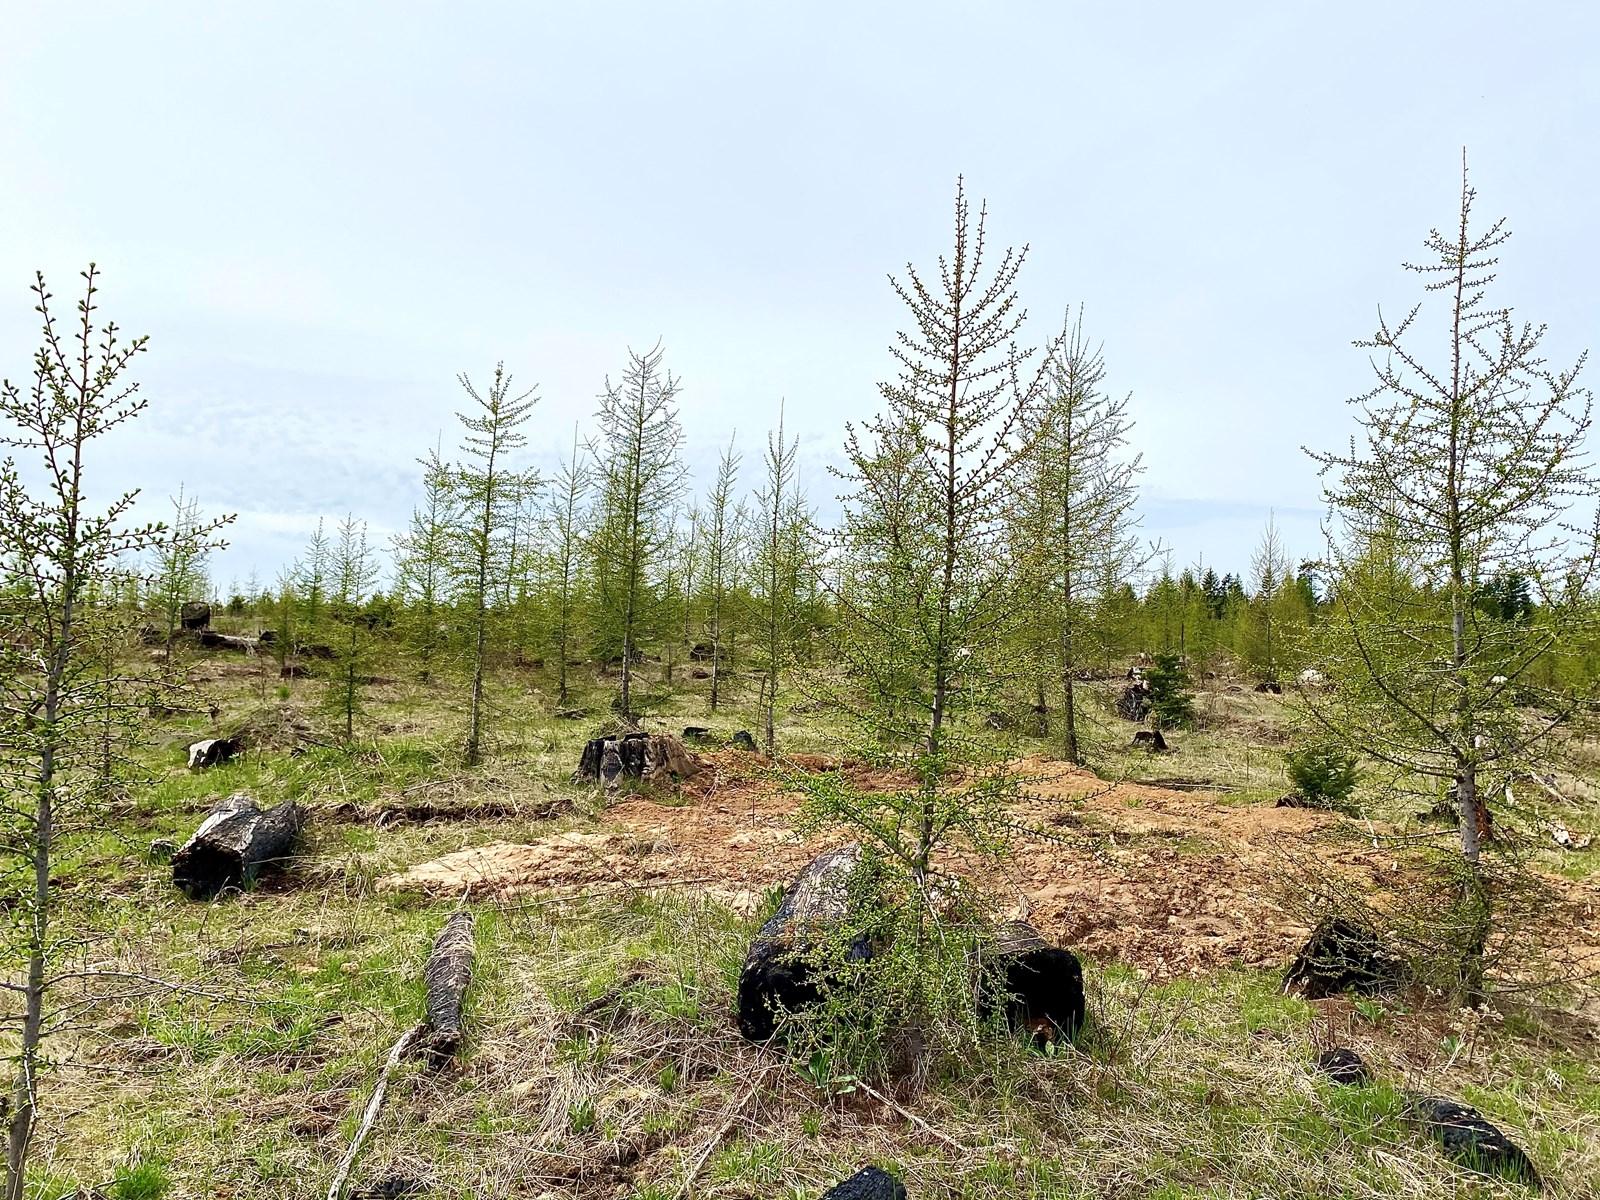 Wildwood Estates for sale Orofino, Idaho Parcel E 11+ acres